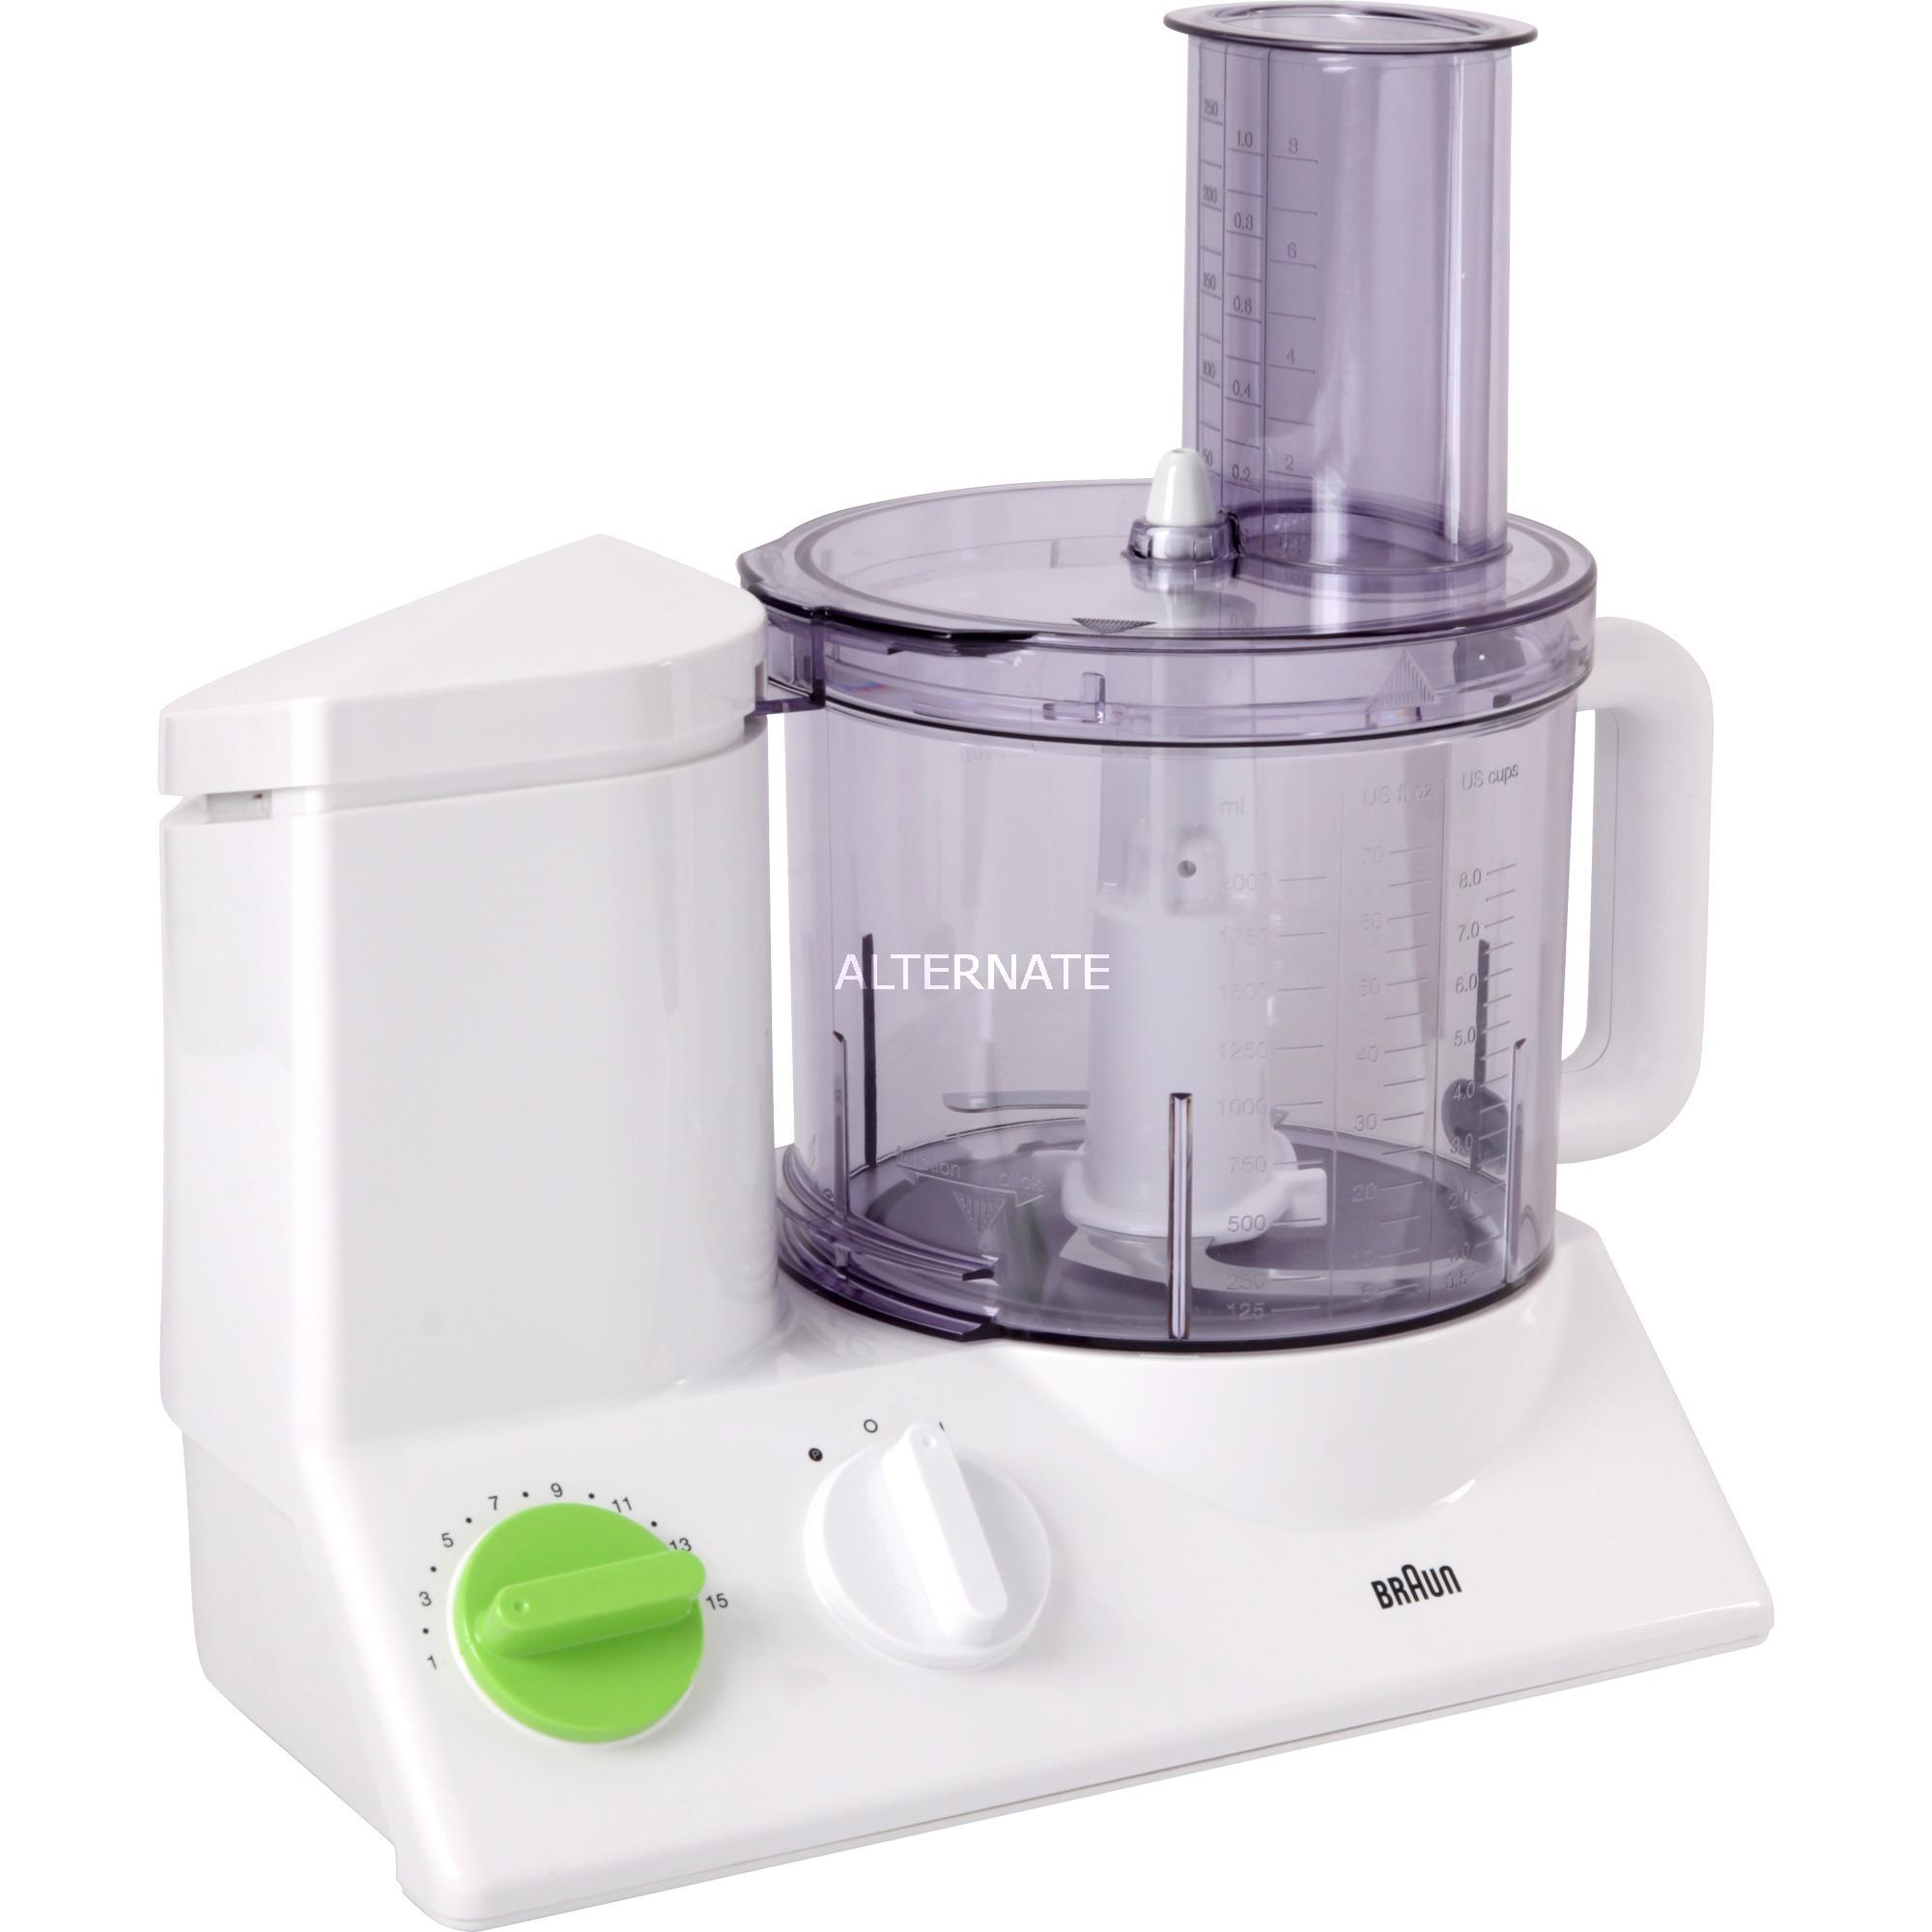 FP 3010 600W 1.75L Verde, Color blanco robot de cocina